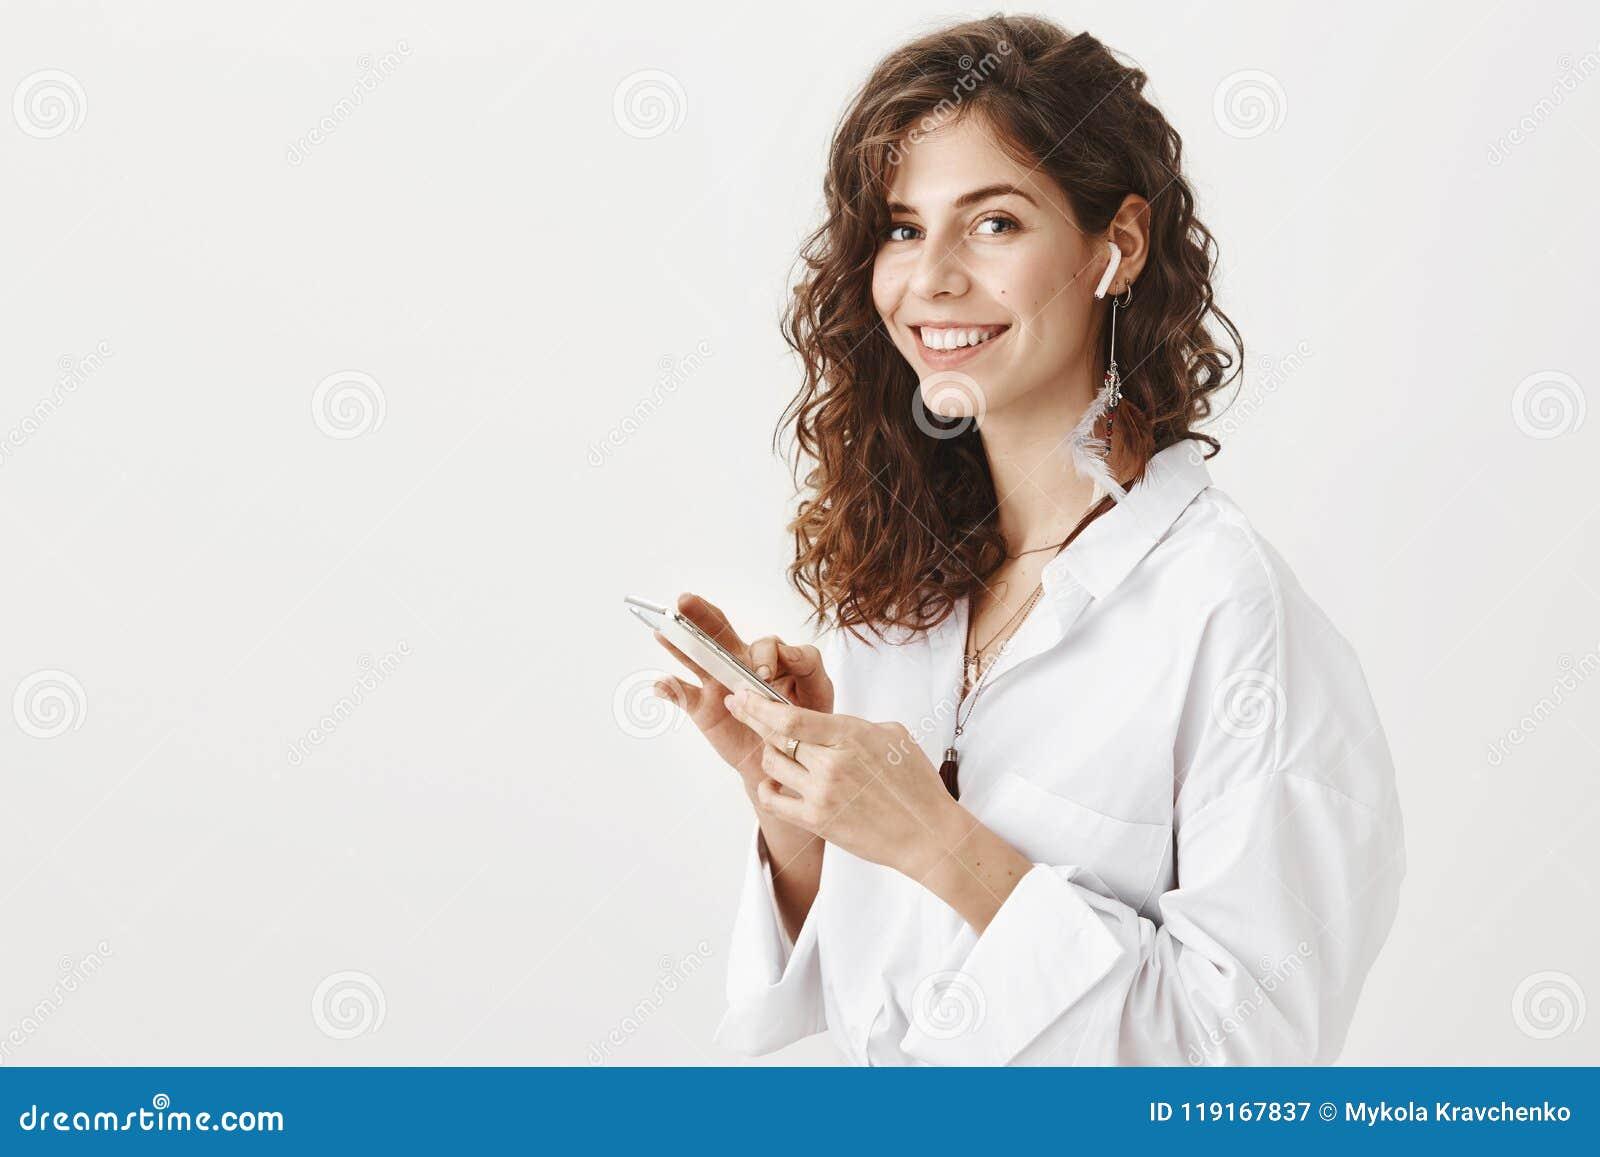 Θετική επιτυχής caucsian γυναίκα που μιλά στο smartphone μέσω των ασύρματων earbuds, που κρατούν τη συσκευή διαθέσιμη χαμογελώντα